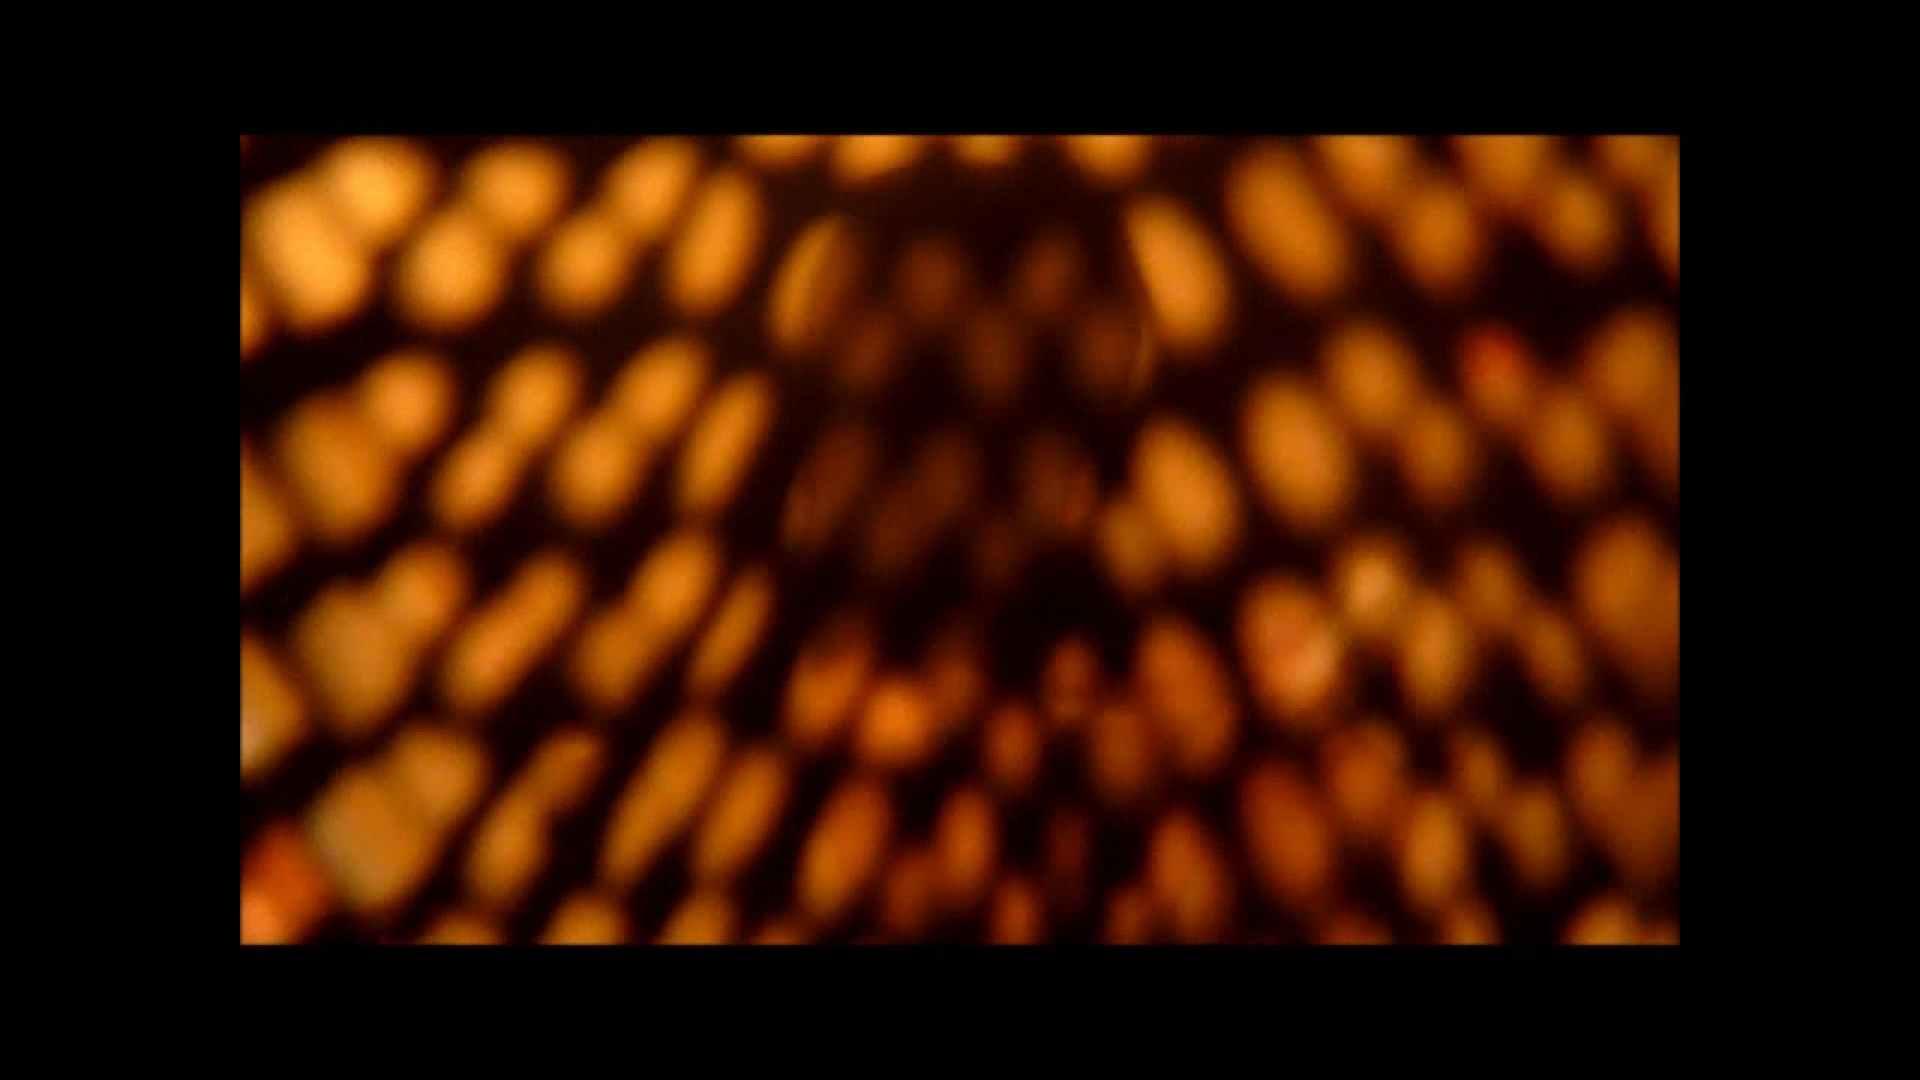 【02】ベランダに侵入して張り込みを始めて・・・やっと結果が出ました。 家宅侵入   0  107pic 61